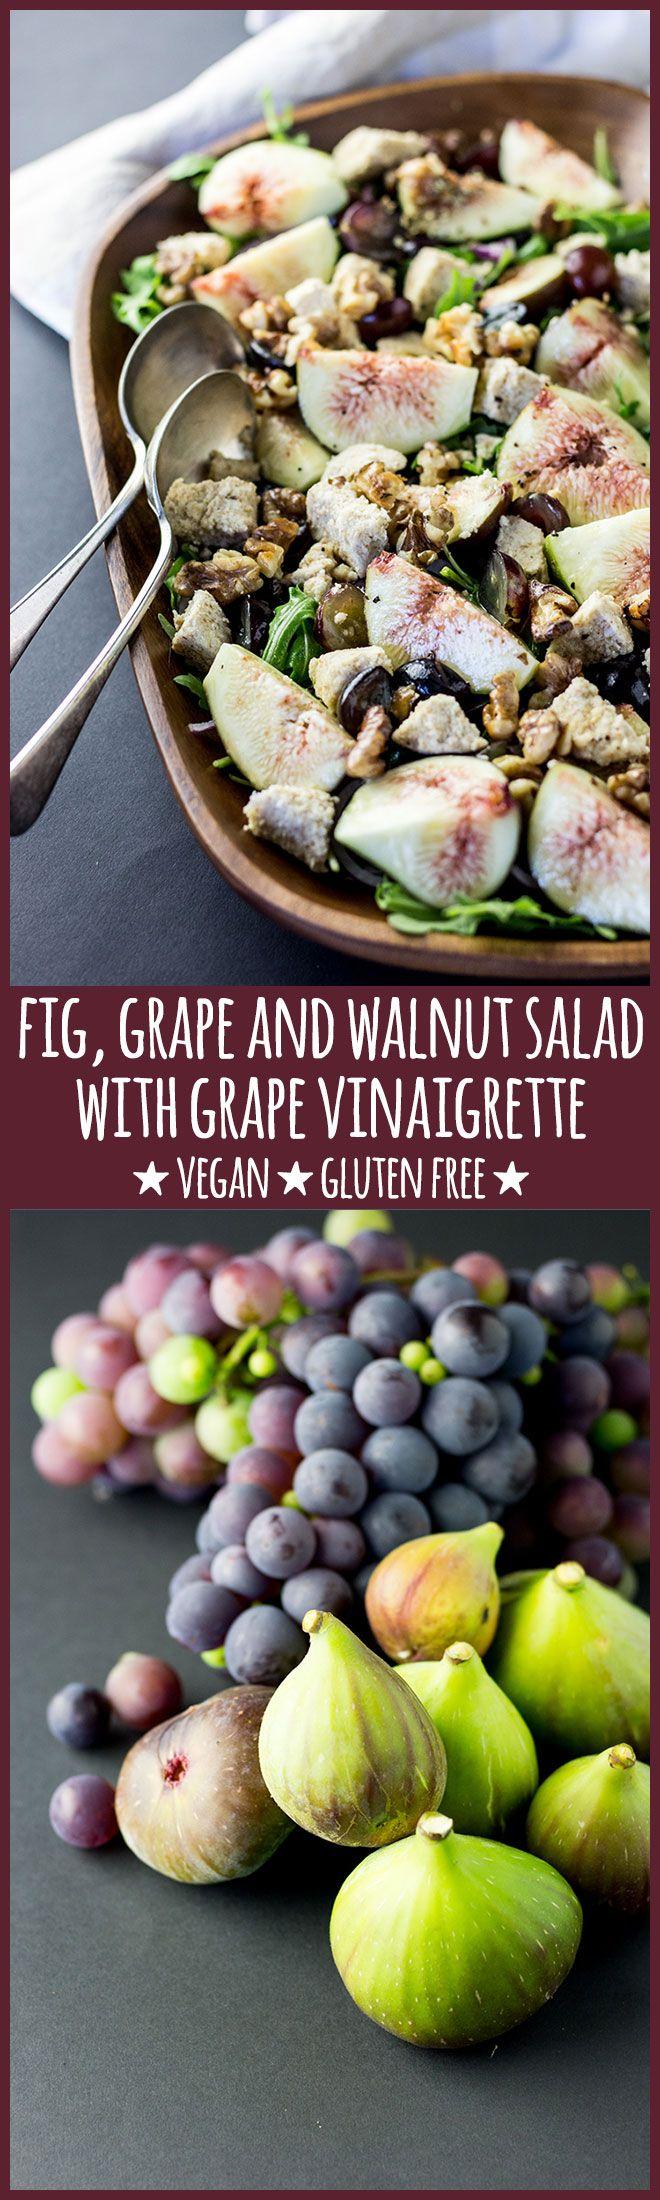 Fig, grape and walnut salad with grape vinaigrette